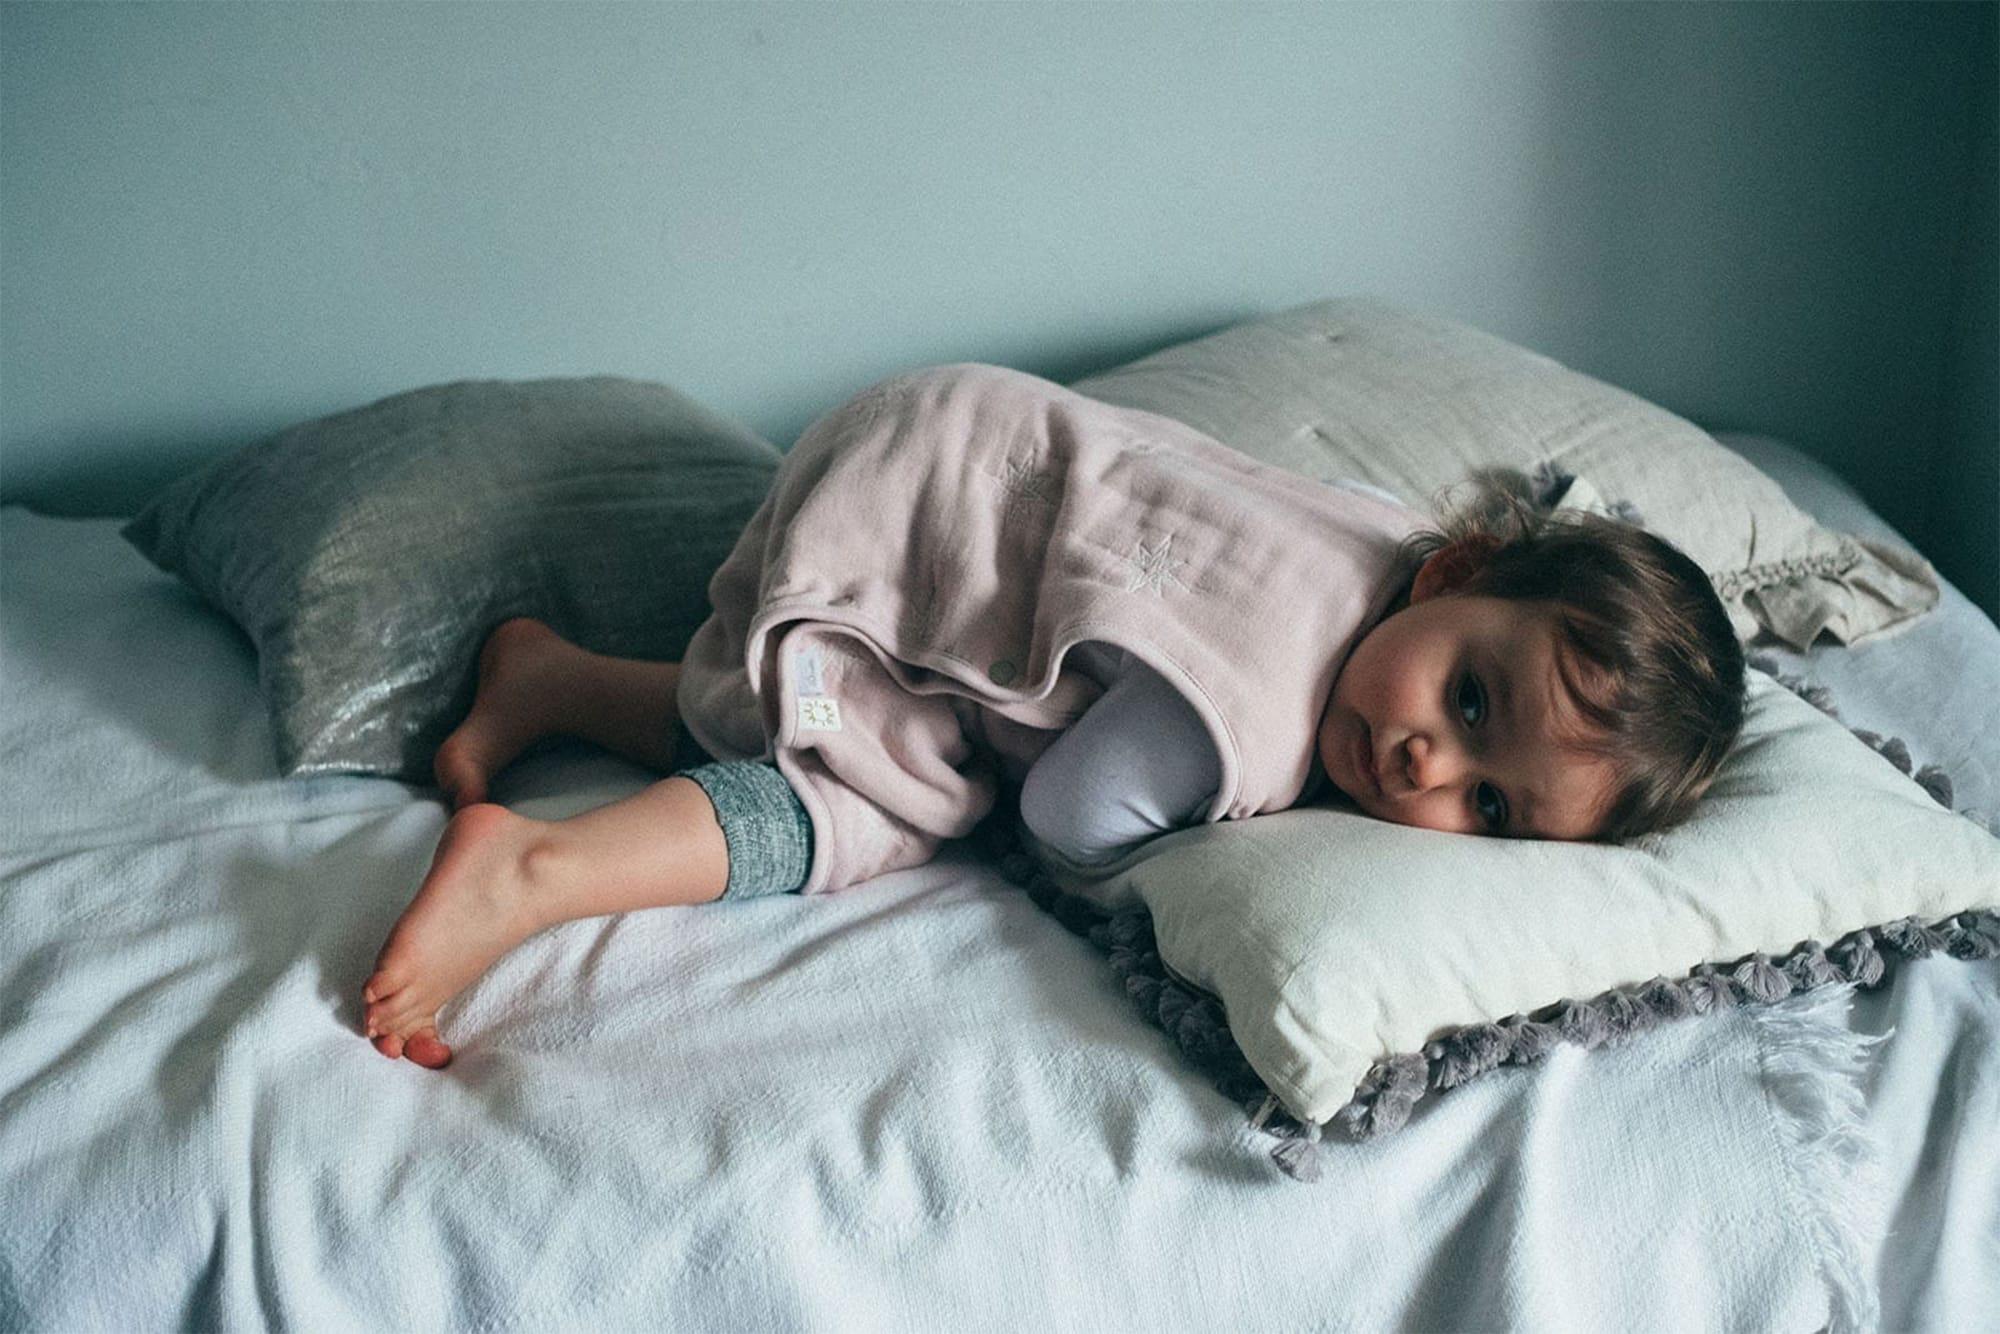 """国産の6層ガーゼで保温性もあり、汗を吸収してくれるスリーパーはピンク系とブルー系の2色あり。「sleeper(スリーパー) """"10moi × MARLMARL """"コラボレーションシリーズ」ワンサイズ5,800円(税別)。"""